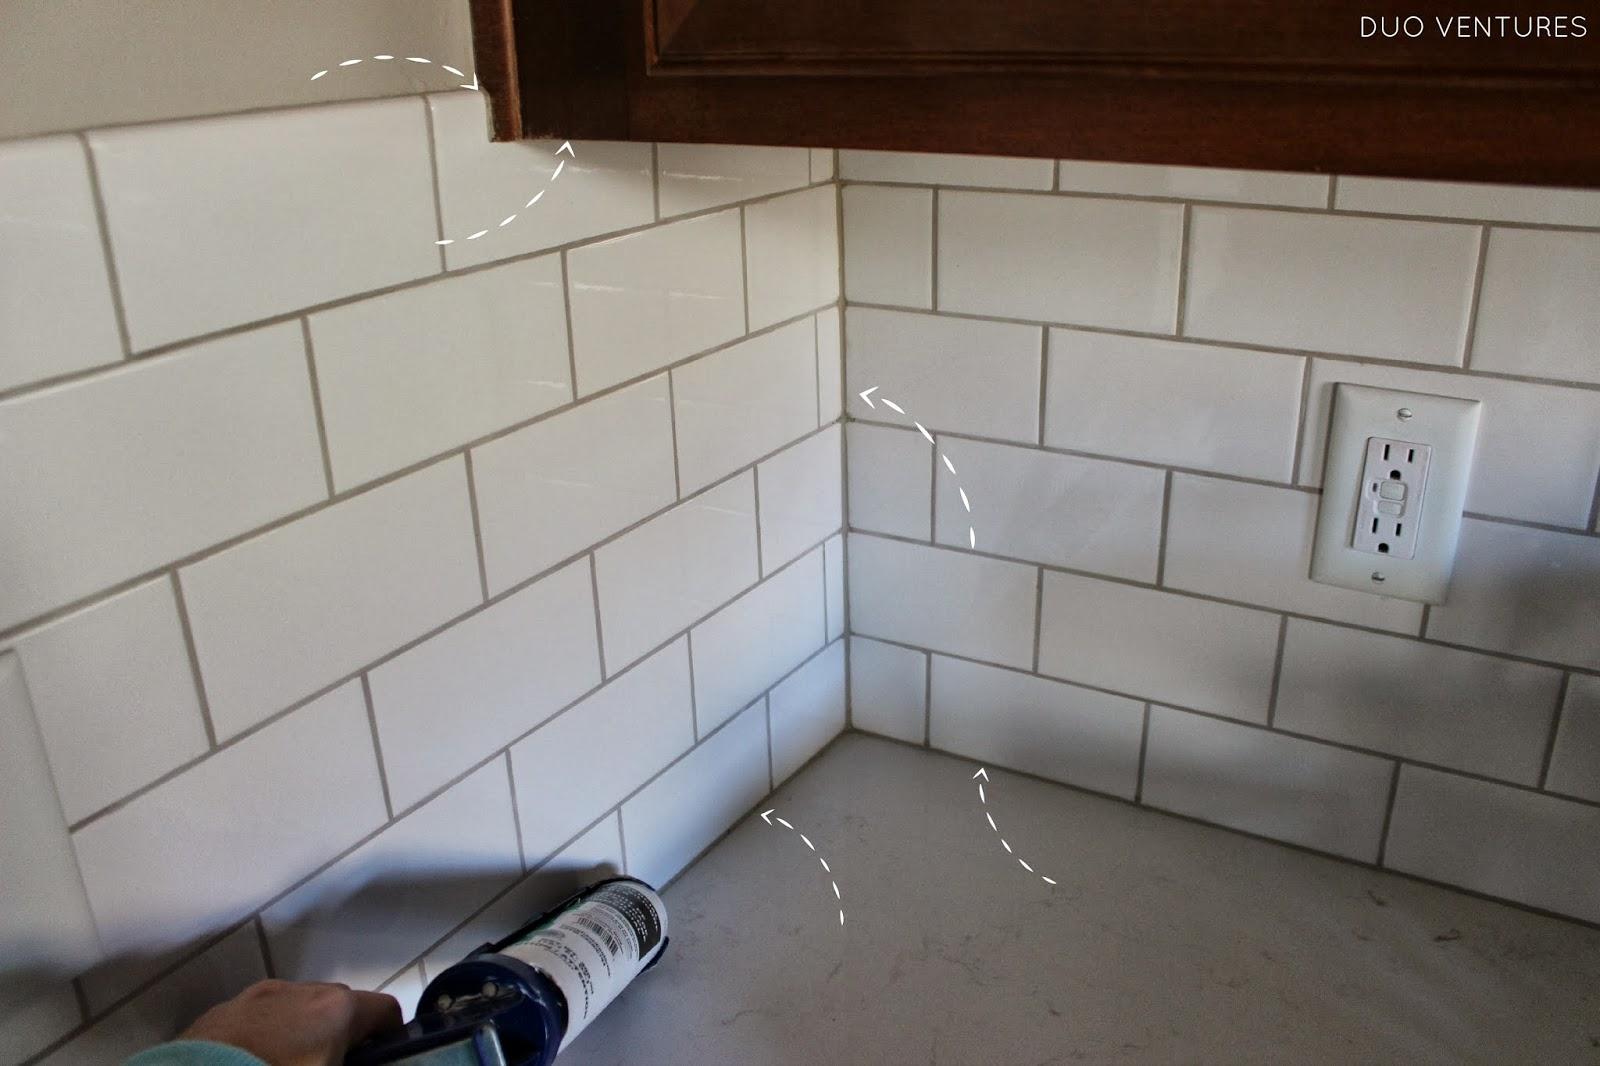 Best Kitchen Gallery: Duo Ventures Kitchen Update Grouting Caulking Subway Tile Backsplash of Caulking Kitchen Cabinets on rachelxblog.com